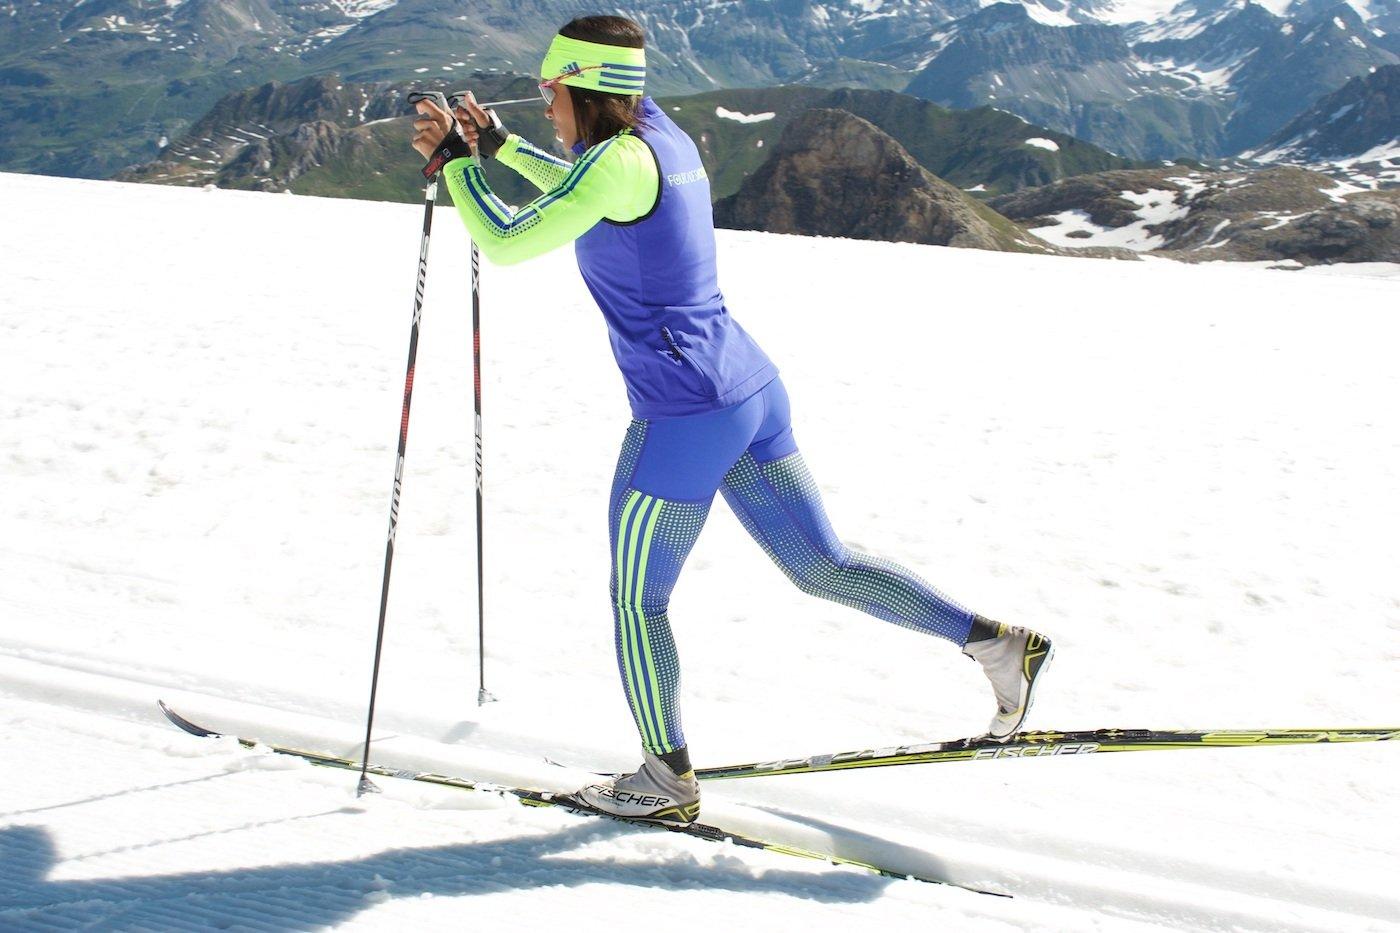 Pas de un en ski nordique